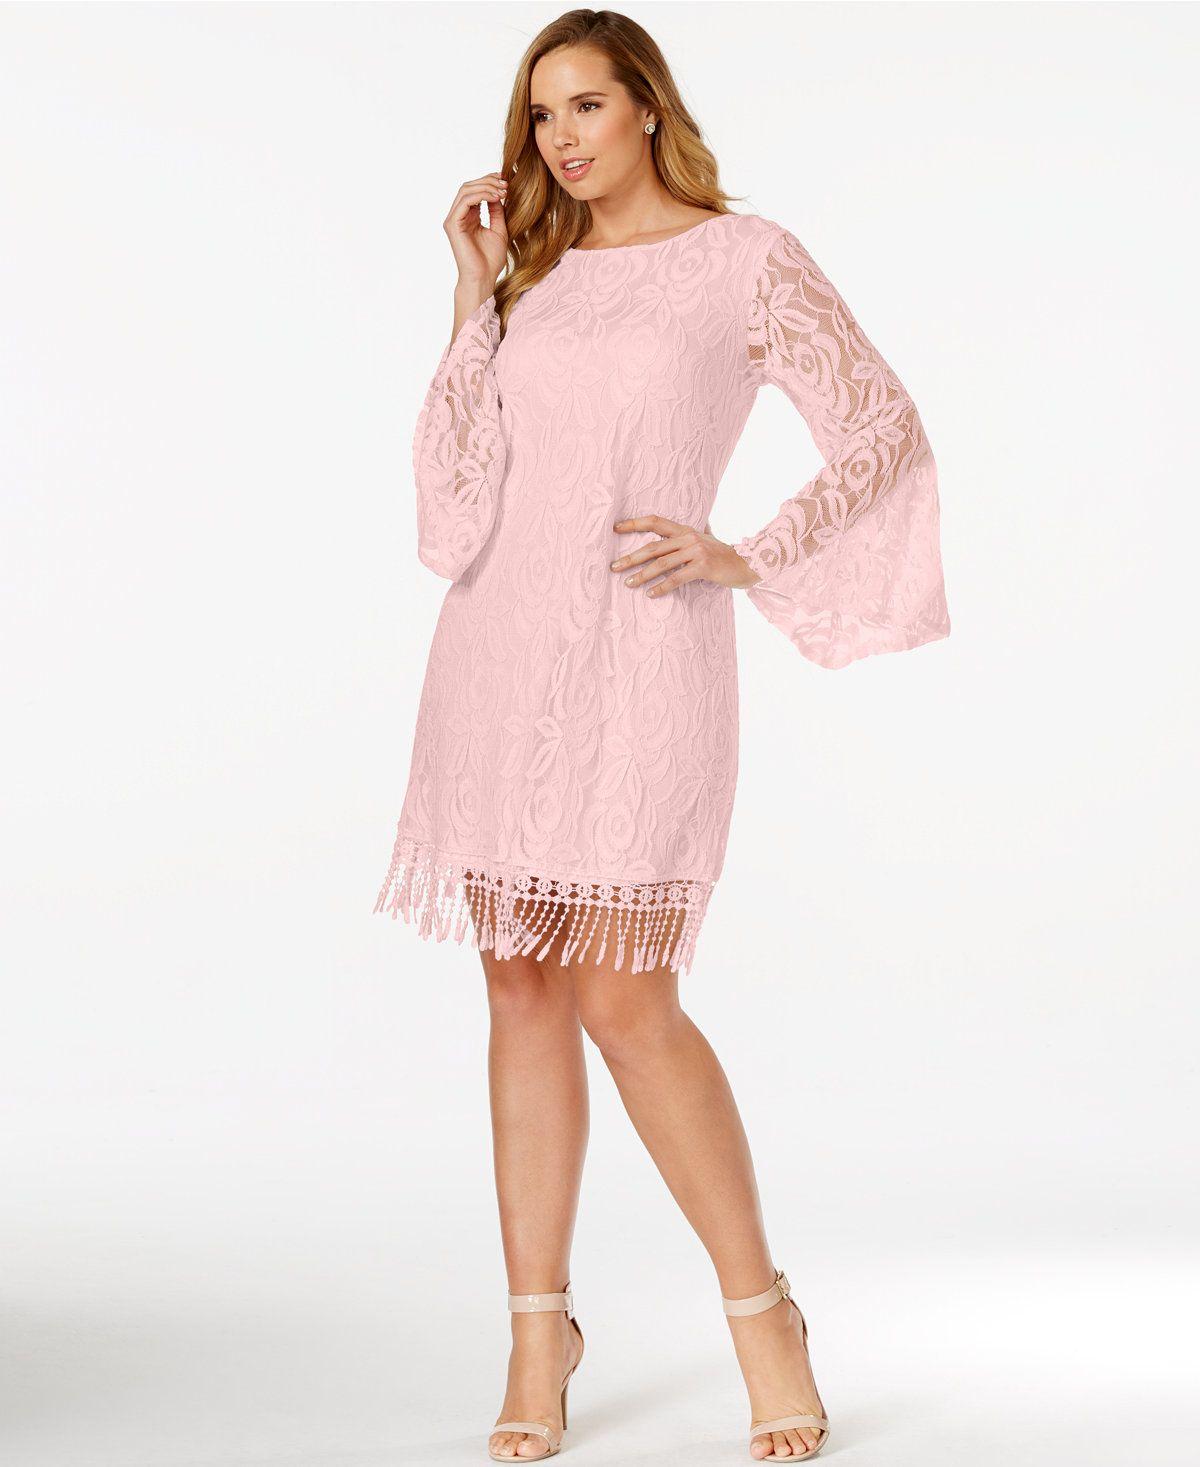 Lace dress macys  ING Plus Size Lace FringeTrim Dress  Fringe trim